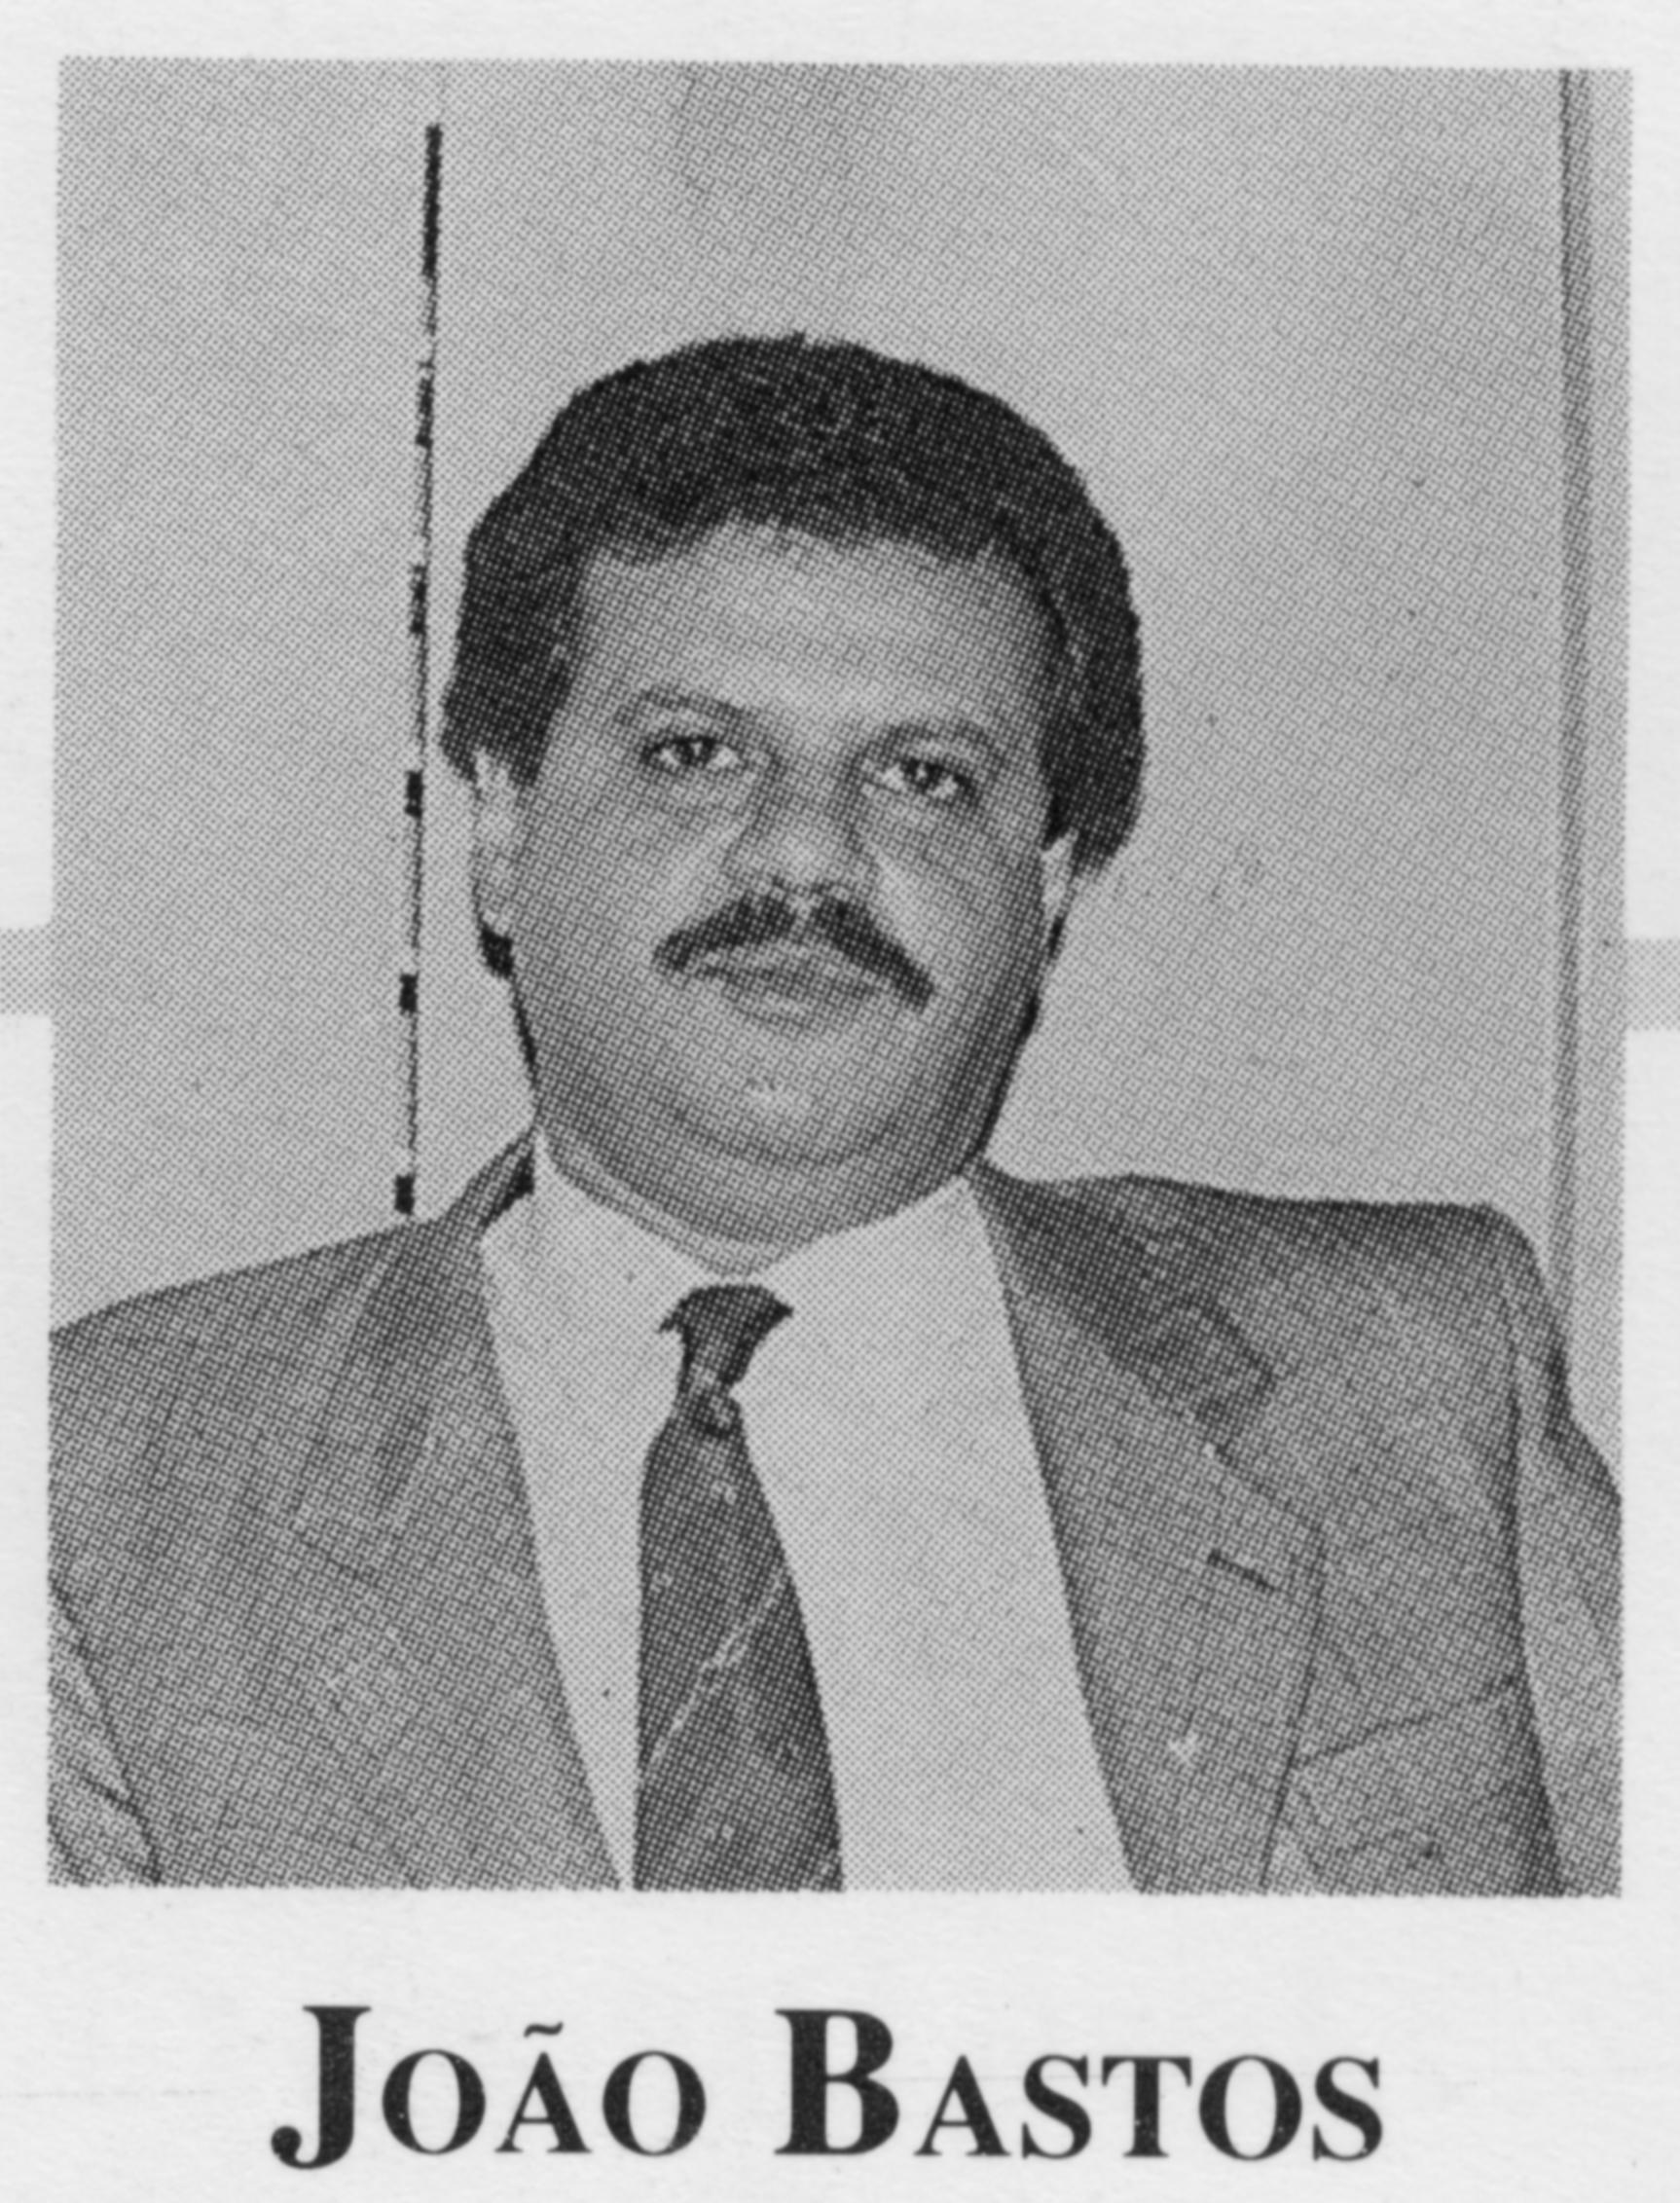 João Bastos Soares